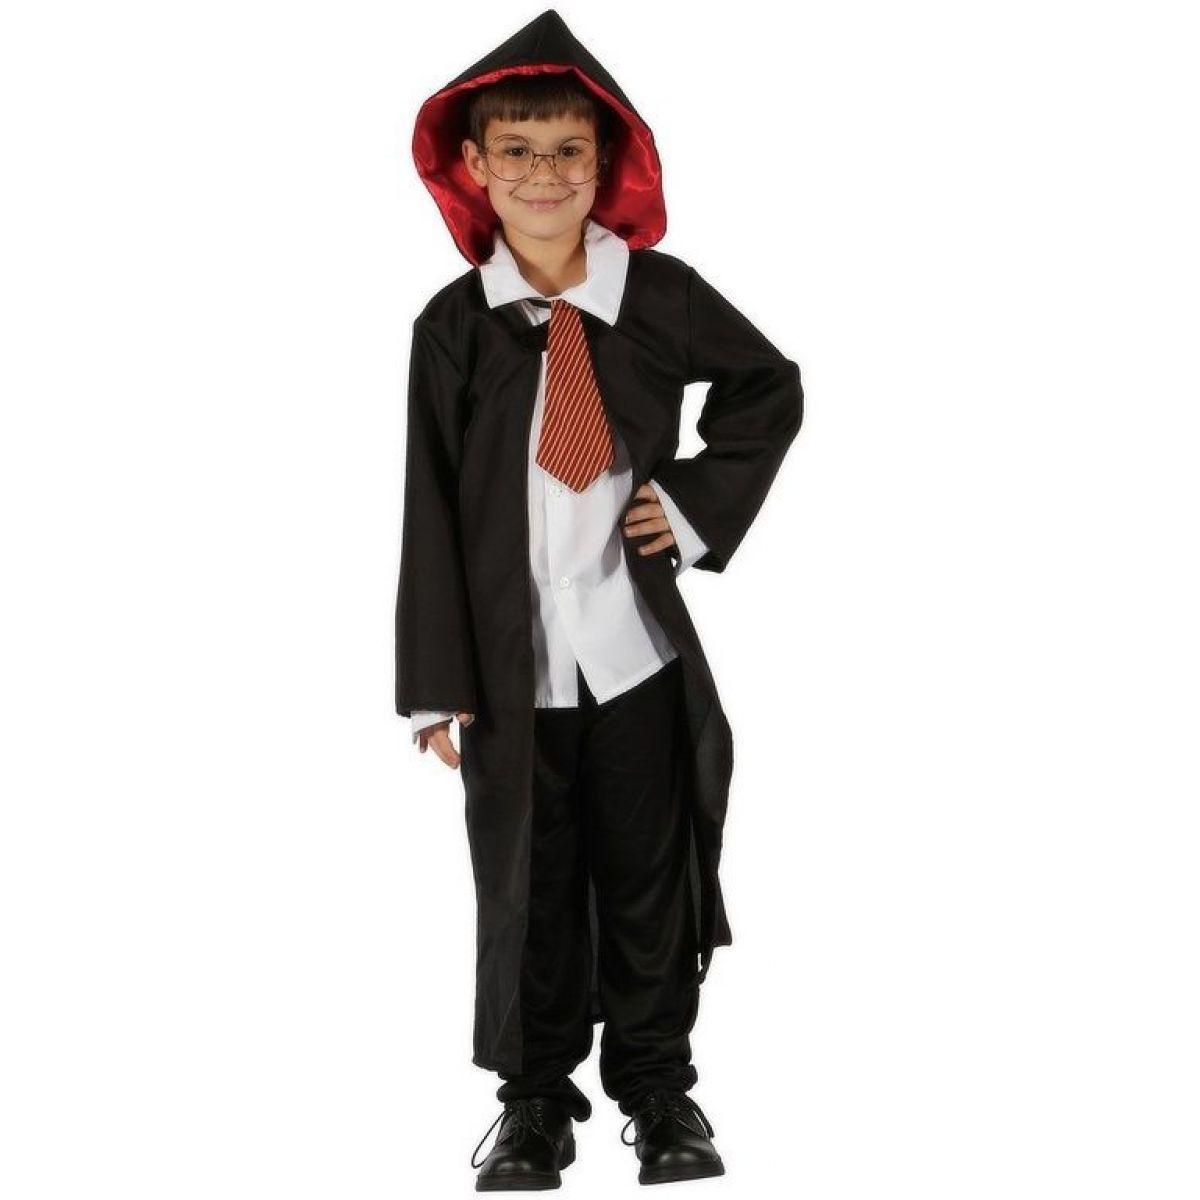 Made Detský kostým Čarodejník 120-130 cm